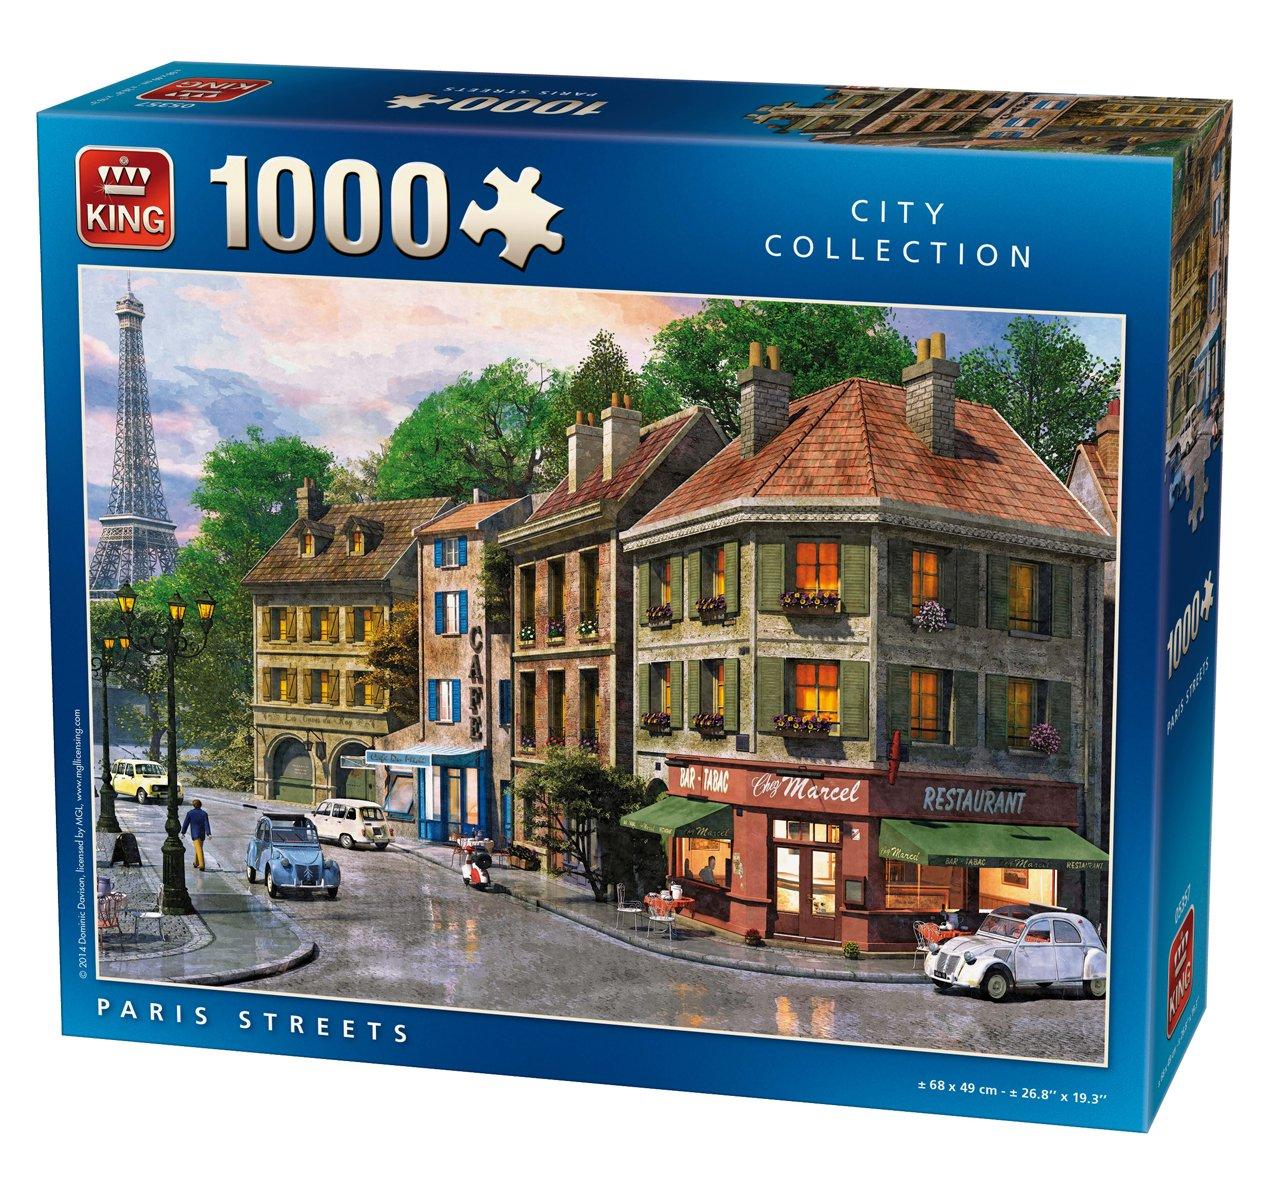 King City Collection Paris Streets 1000 pcs 1000pieza(s) - Rompecabezas (Jigsaw puzzle, Ciudad, Adultos, MGL, Hombre/Mujer, 8 año(s)): Amazon.es: Juguetes y ...